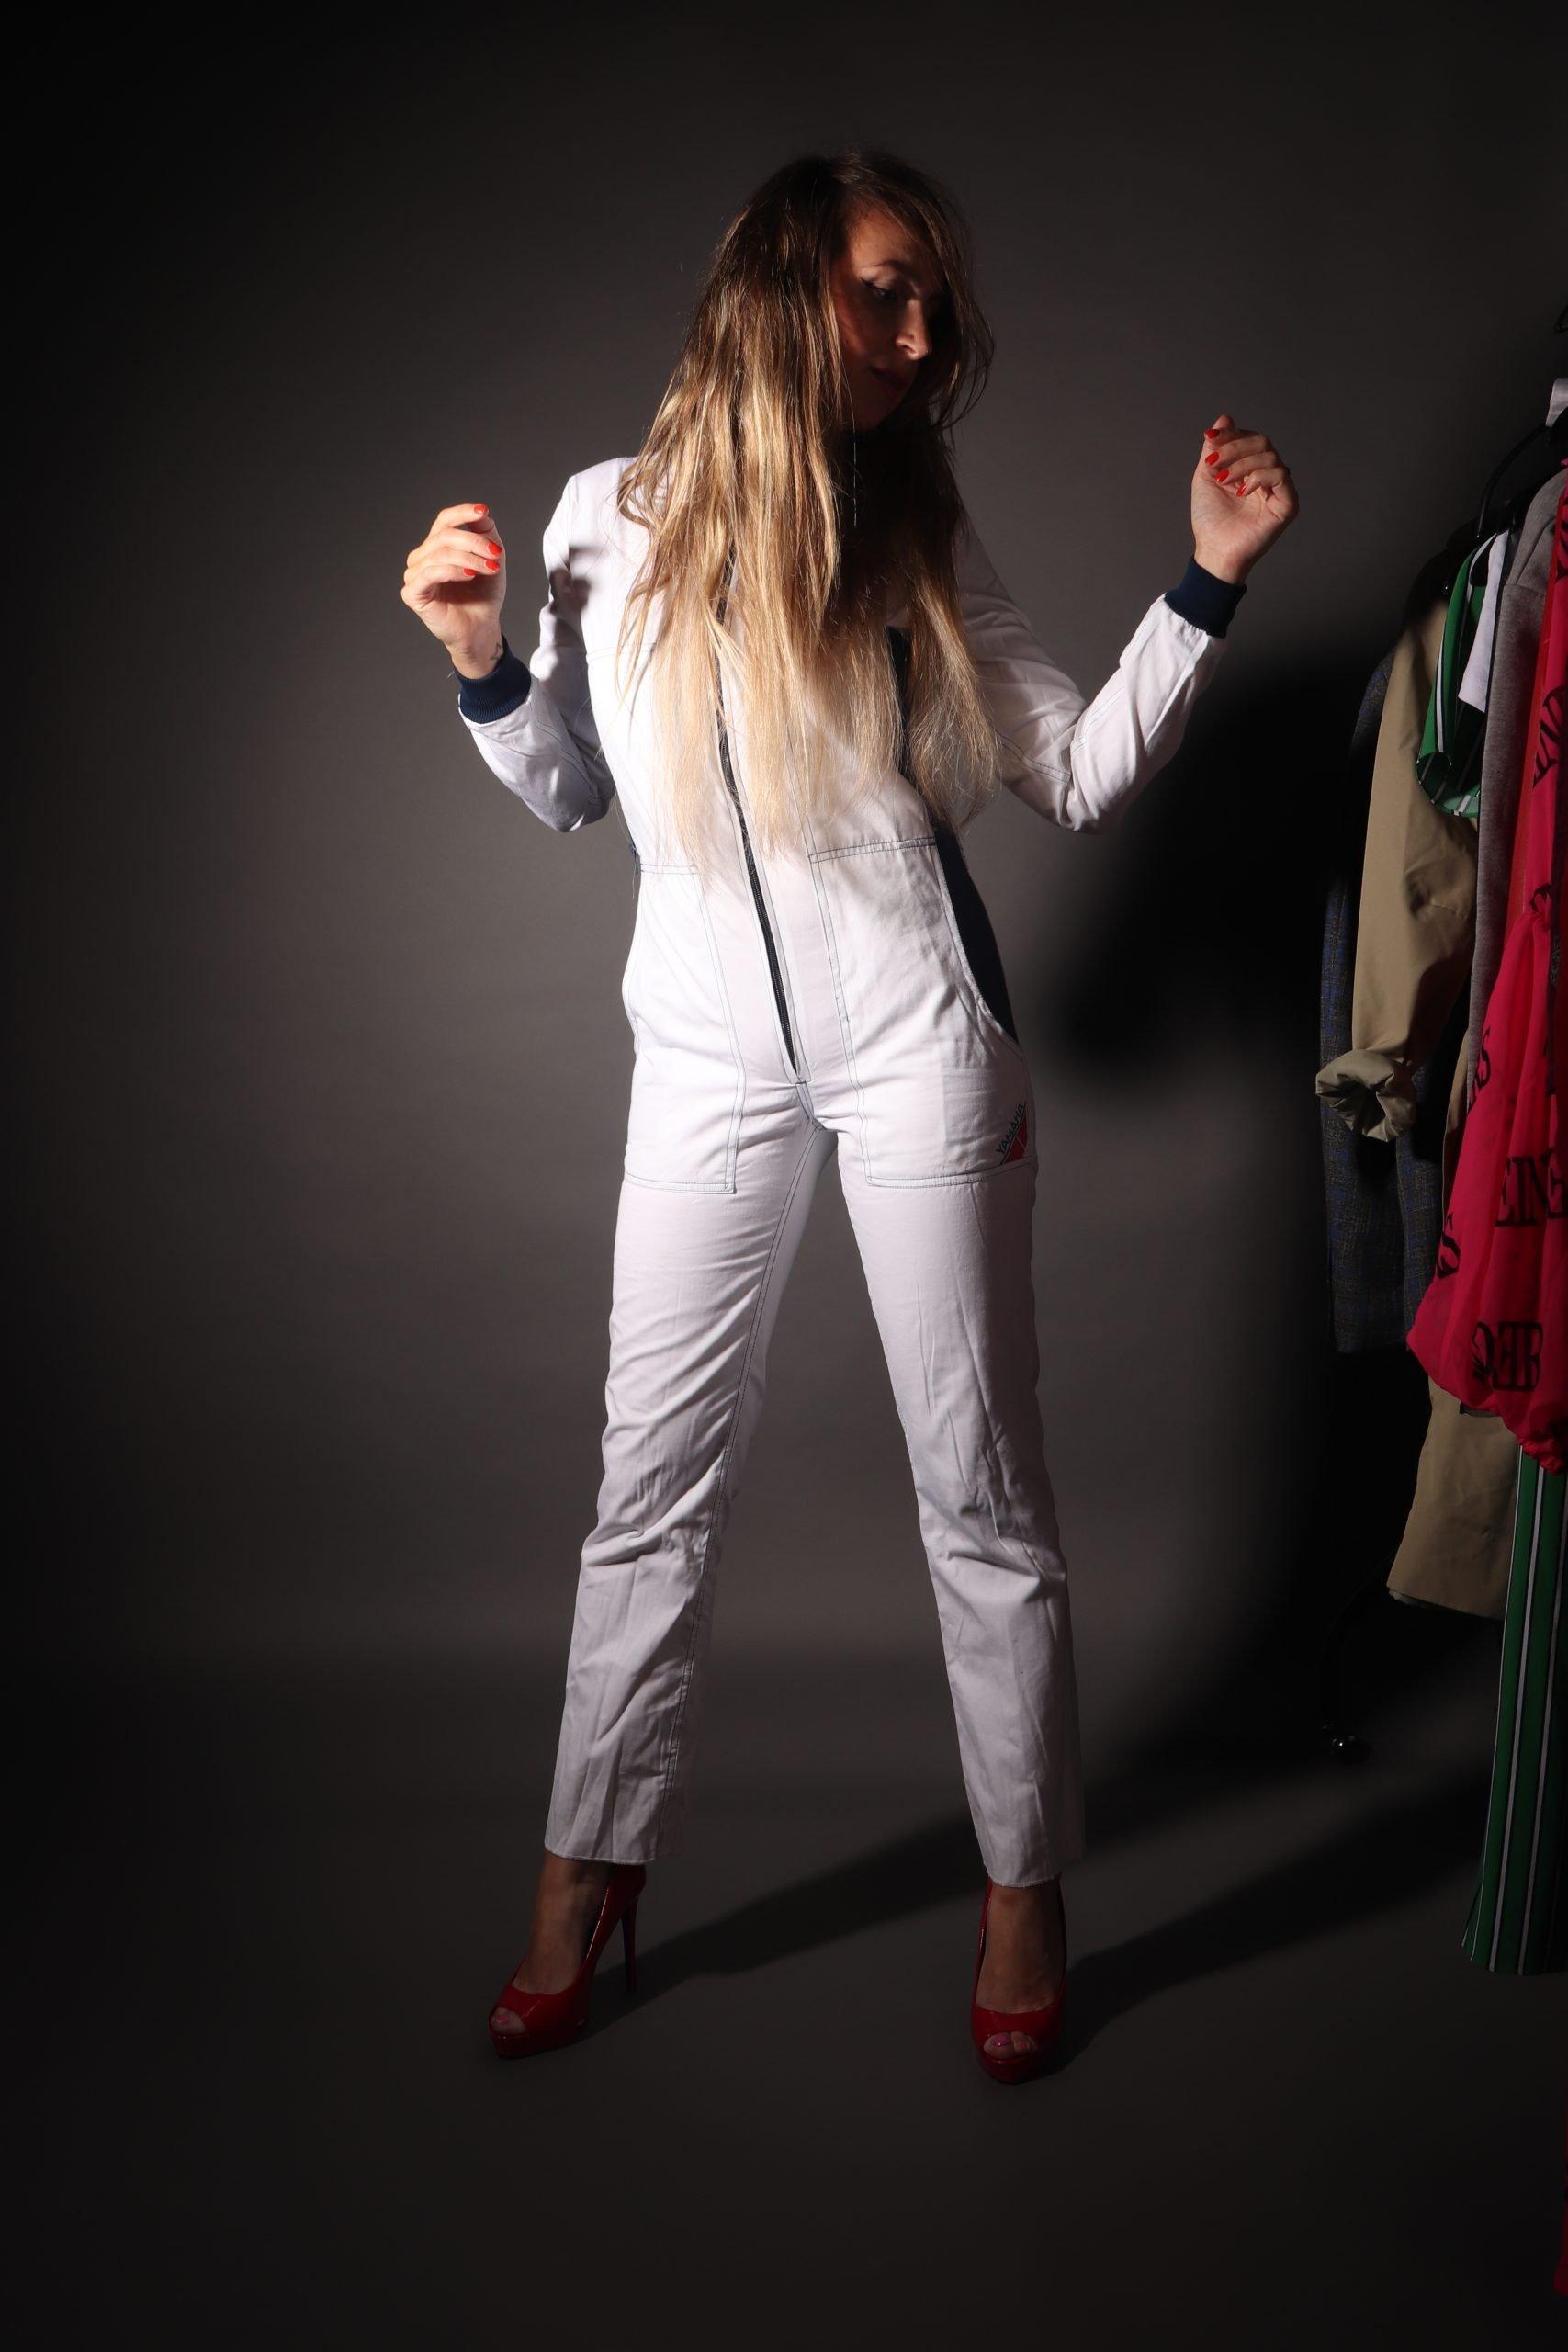 yamaha motors workwear overall photoshoot jumpsuit white wit